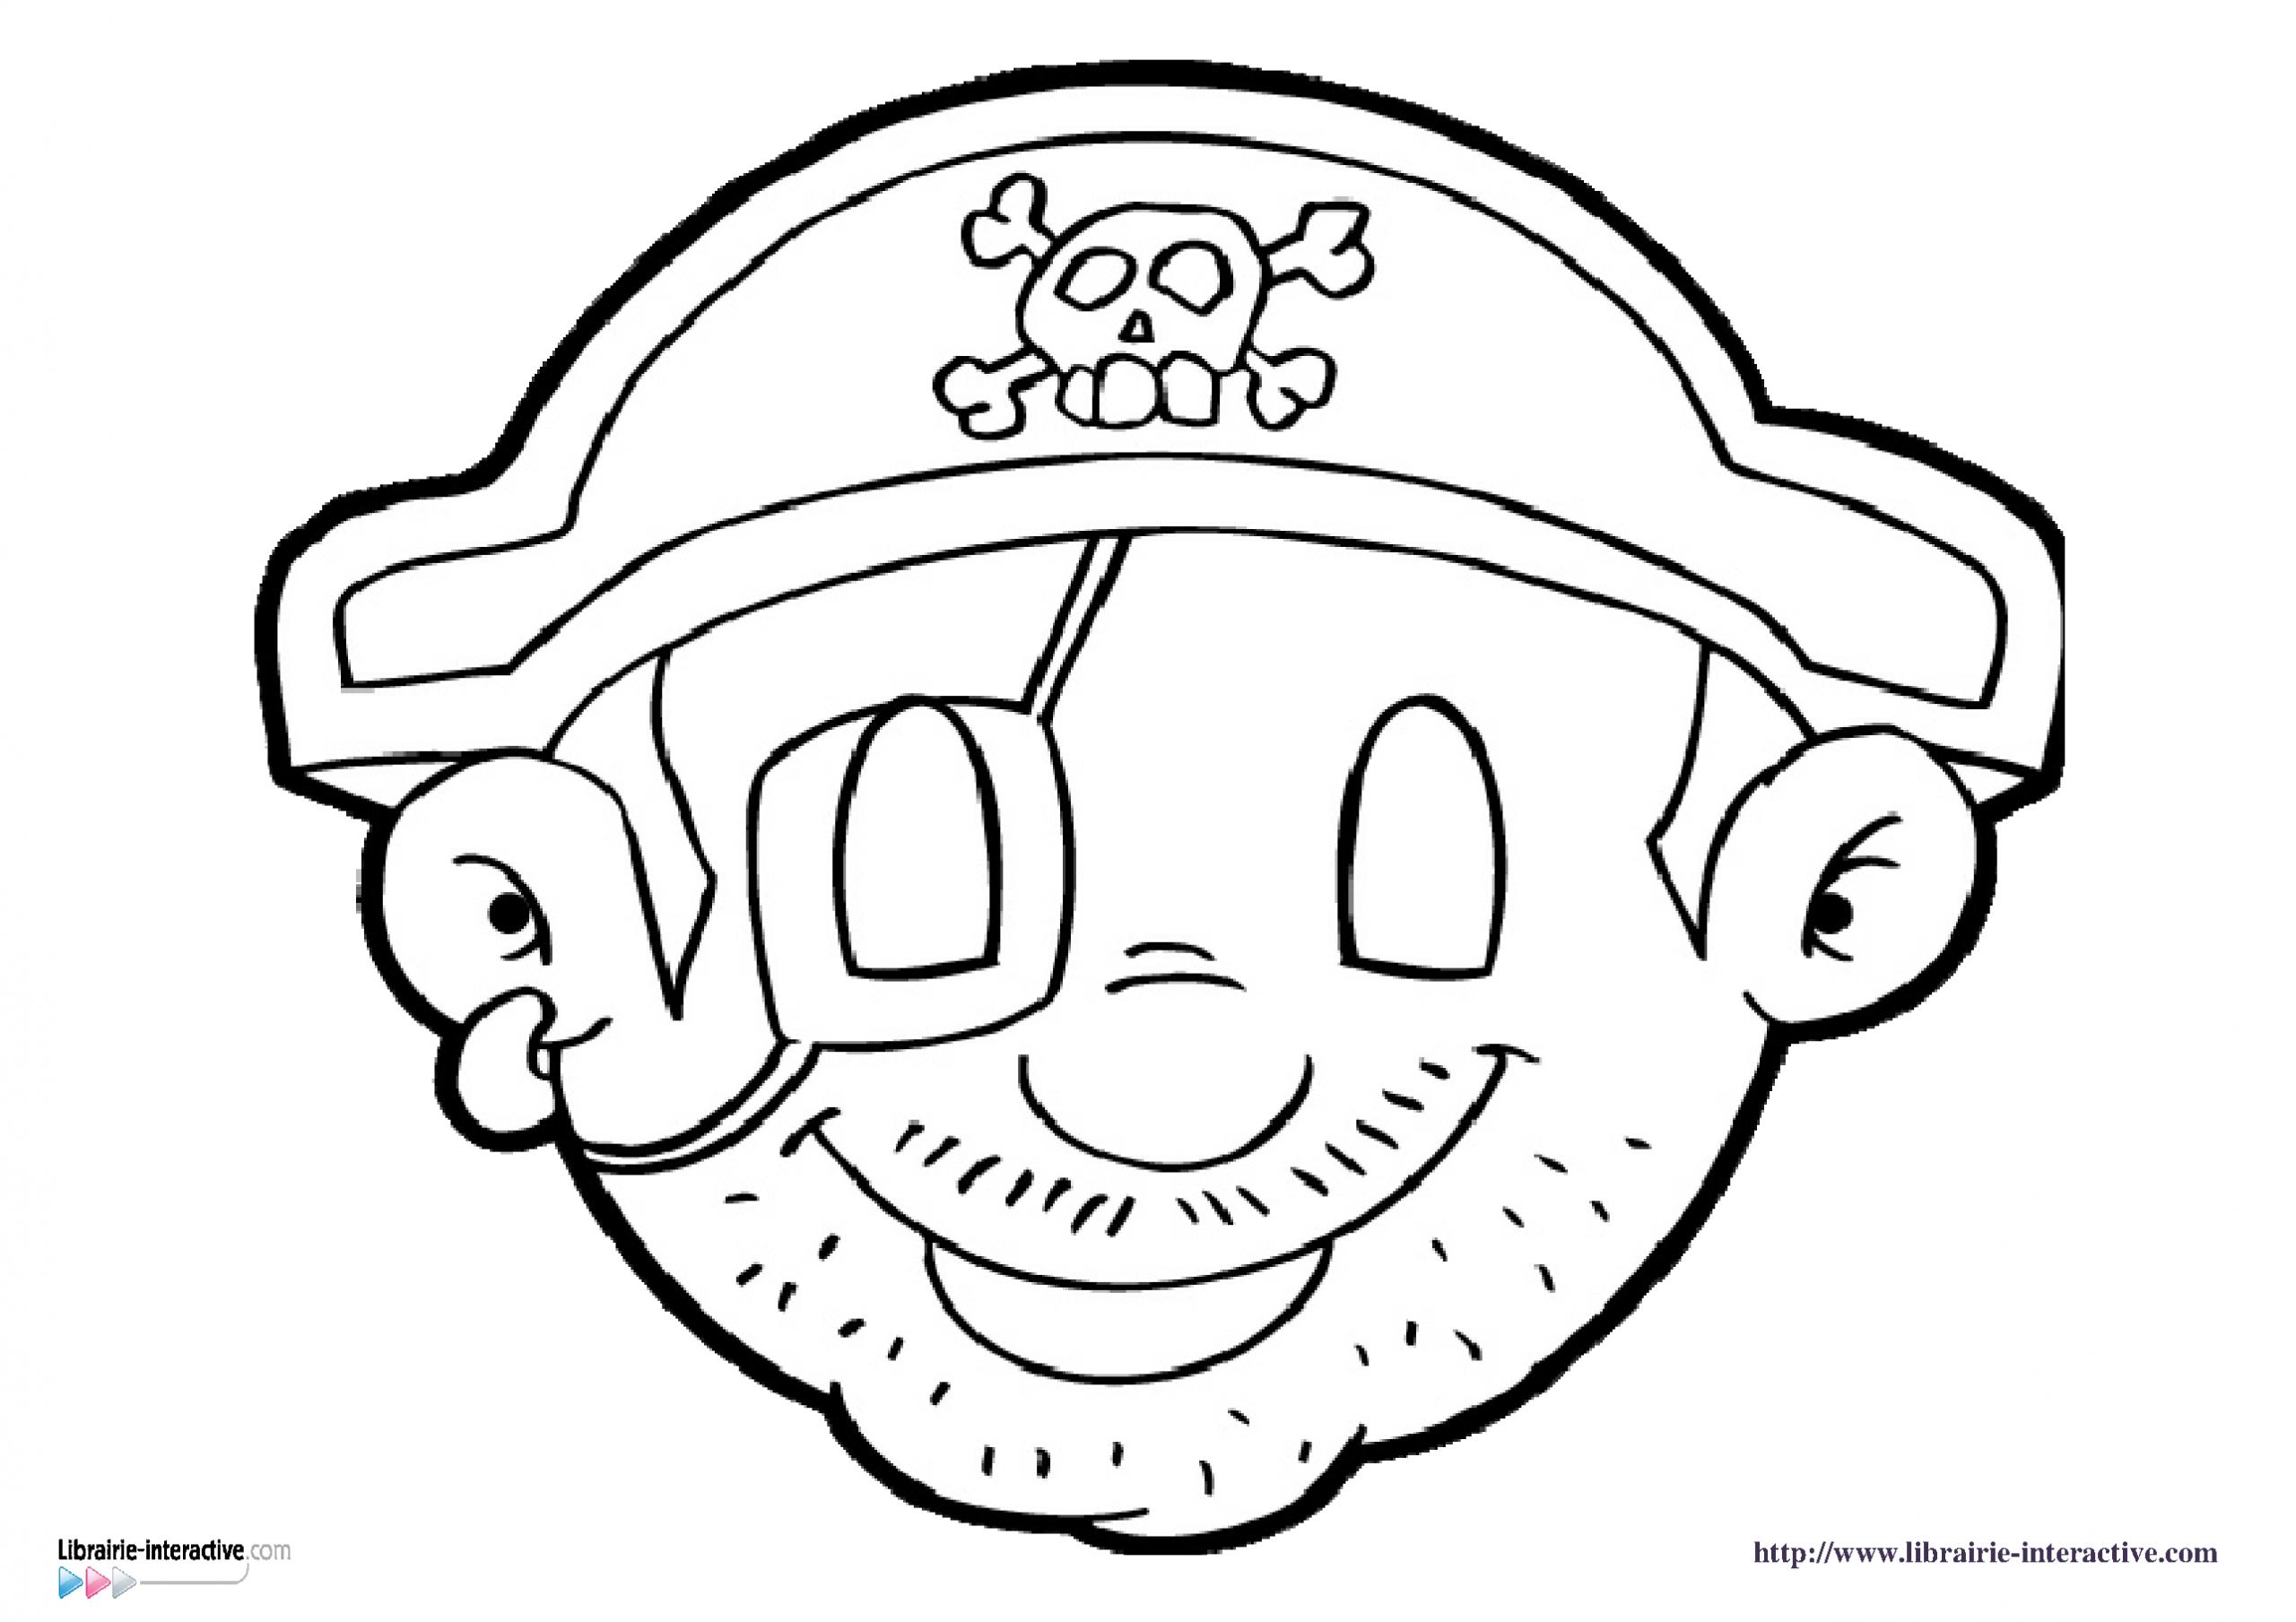 Dessins Gratuits À Colorier - Coloriage Masque À Imprimer destiné Masque Enfant A Colorier